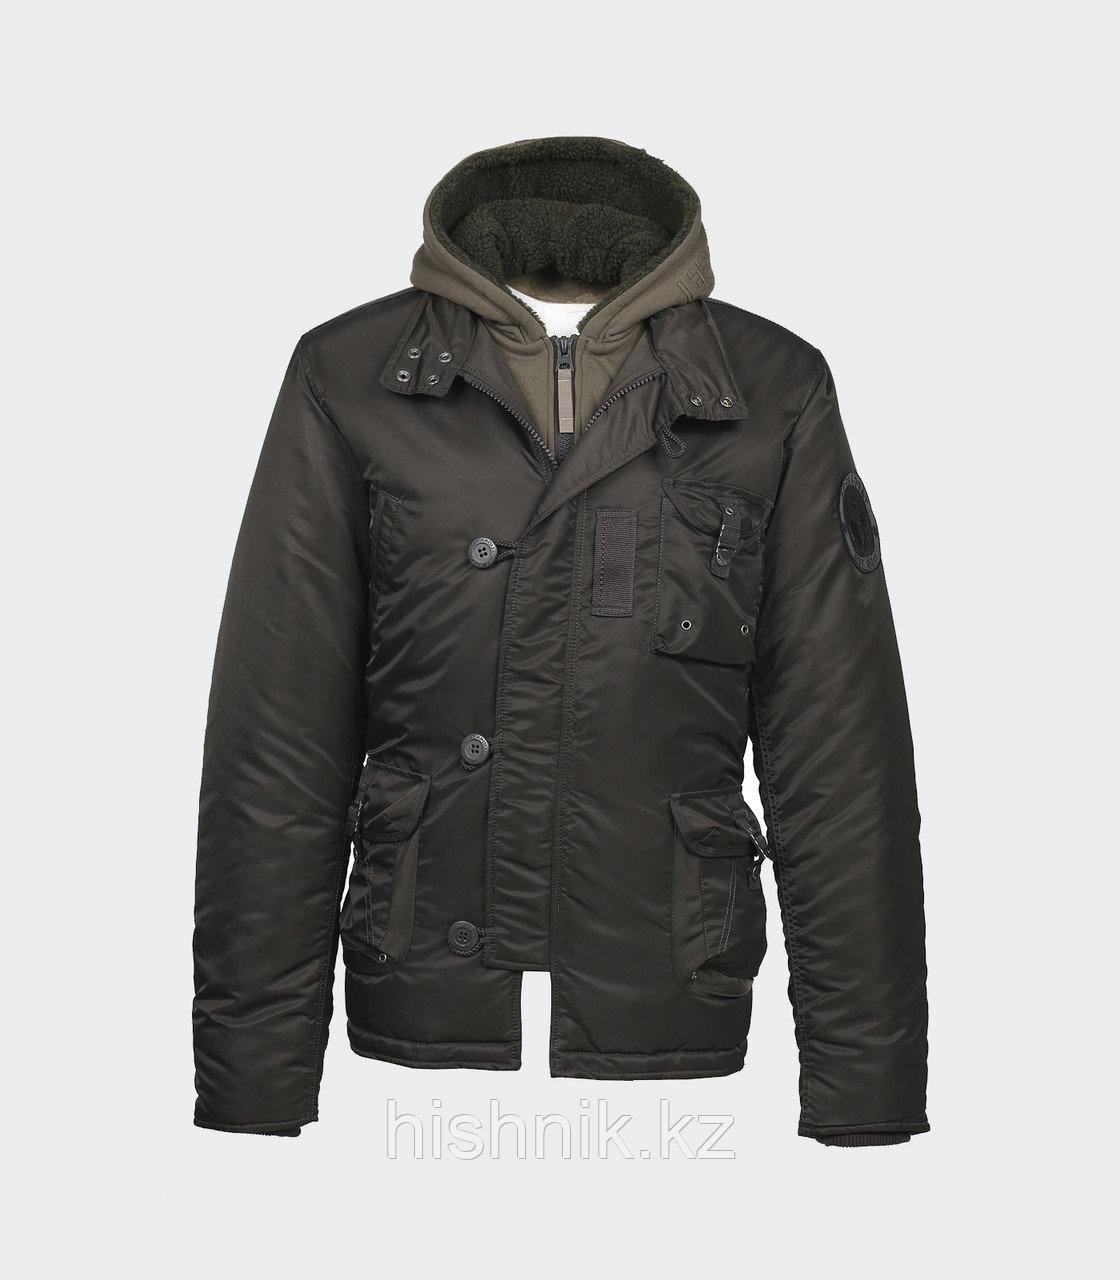 Куртка мужская RANGER RAVEN/OLIVE NIGHT